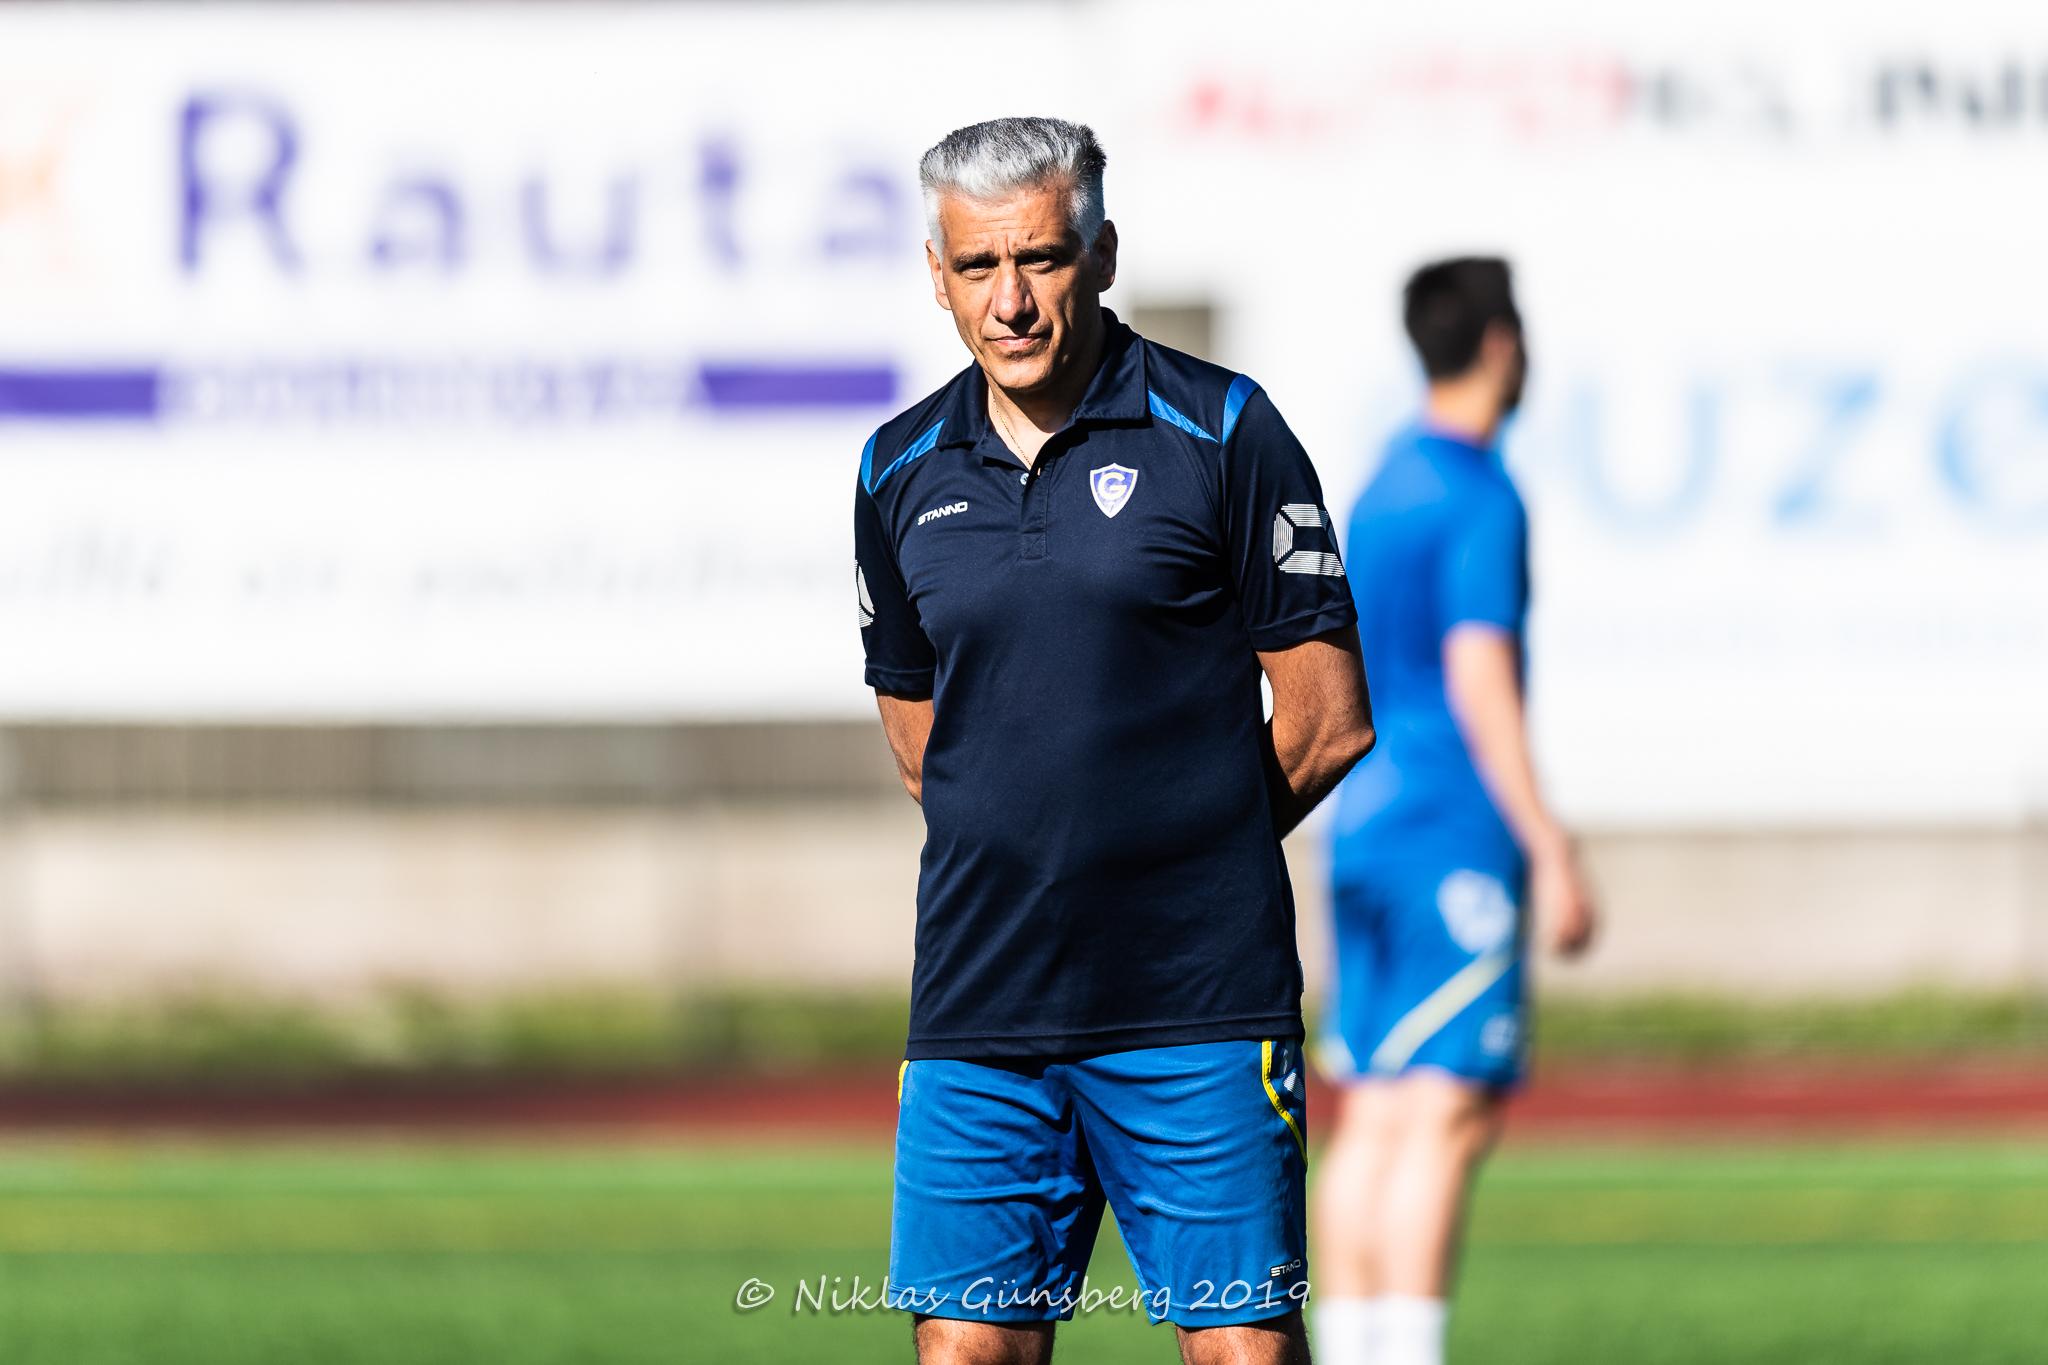 Roberto Nuccio